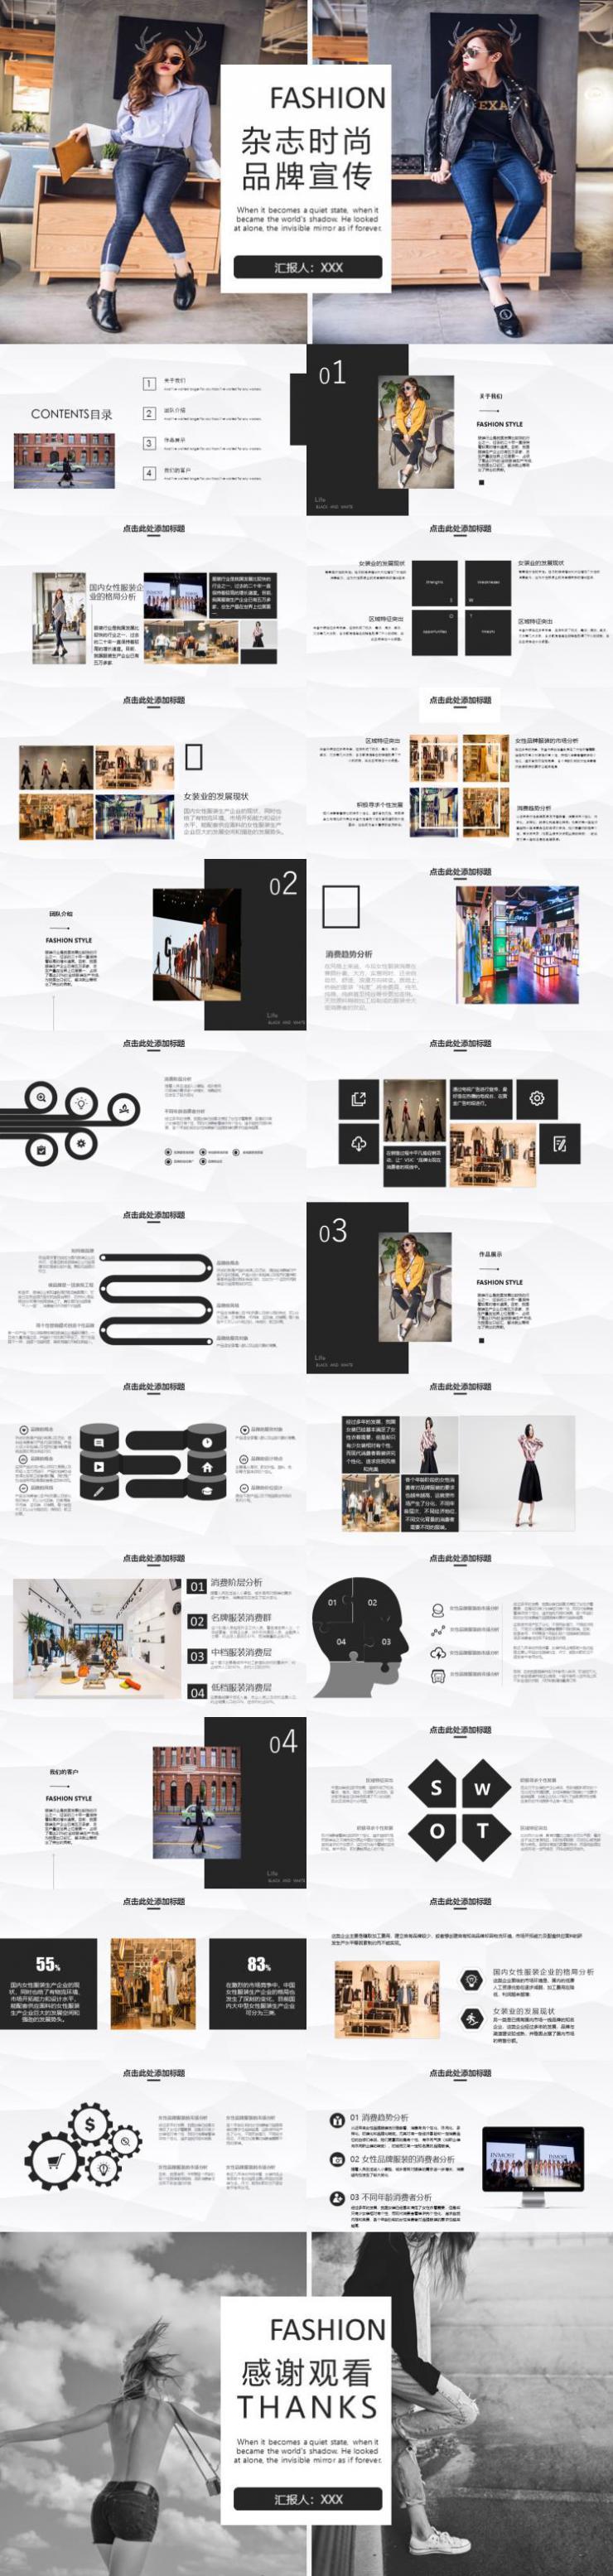 杂志时尚品牌宣传PPT模板下载